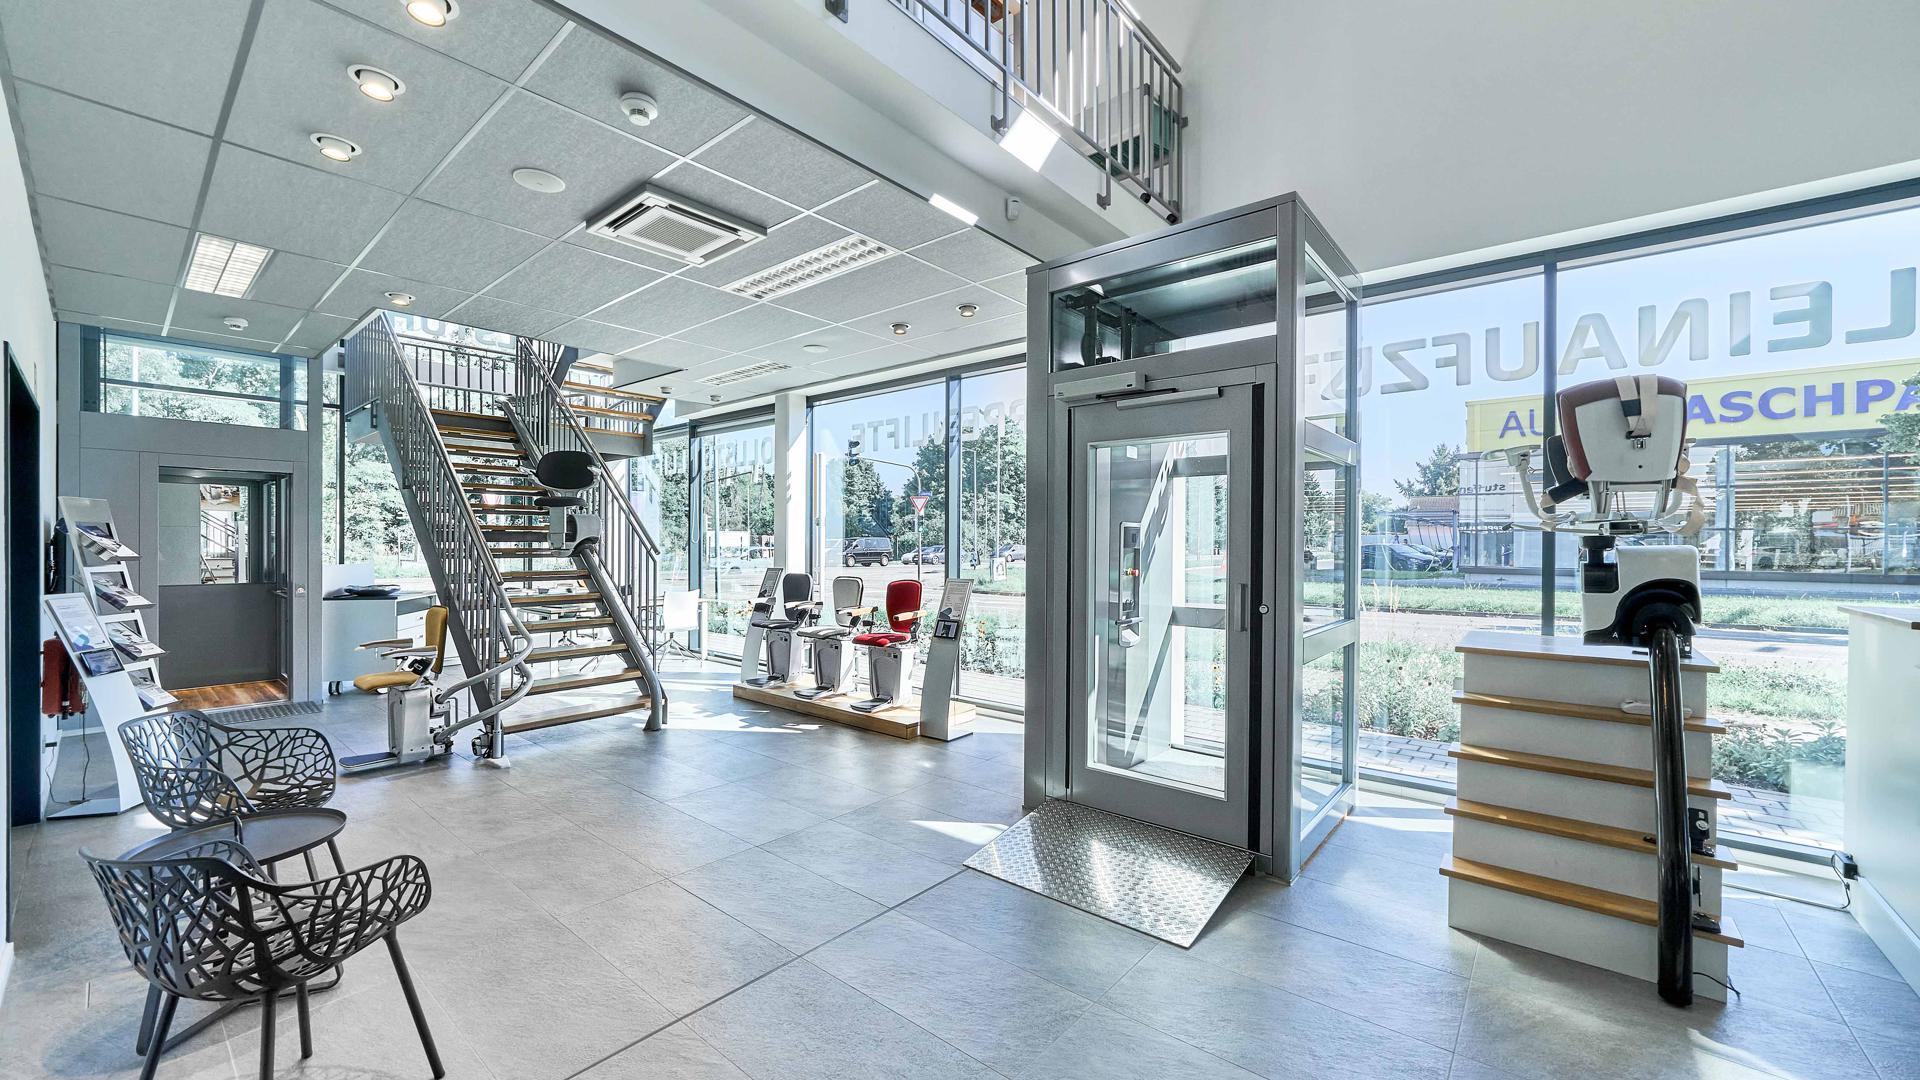 In den großzügig gestalteten, angenehm klimatisierten und durchgehend rollstuhlgerechten Räumlichkeiten können Kunden auf zwei Etagen und mehr als 400 Quadratmetern Lifte aller Preisklassen unter die Lupe nehmen.